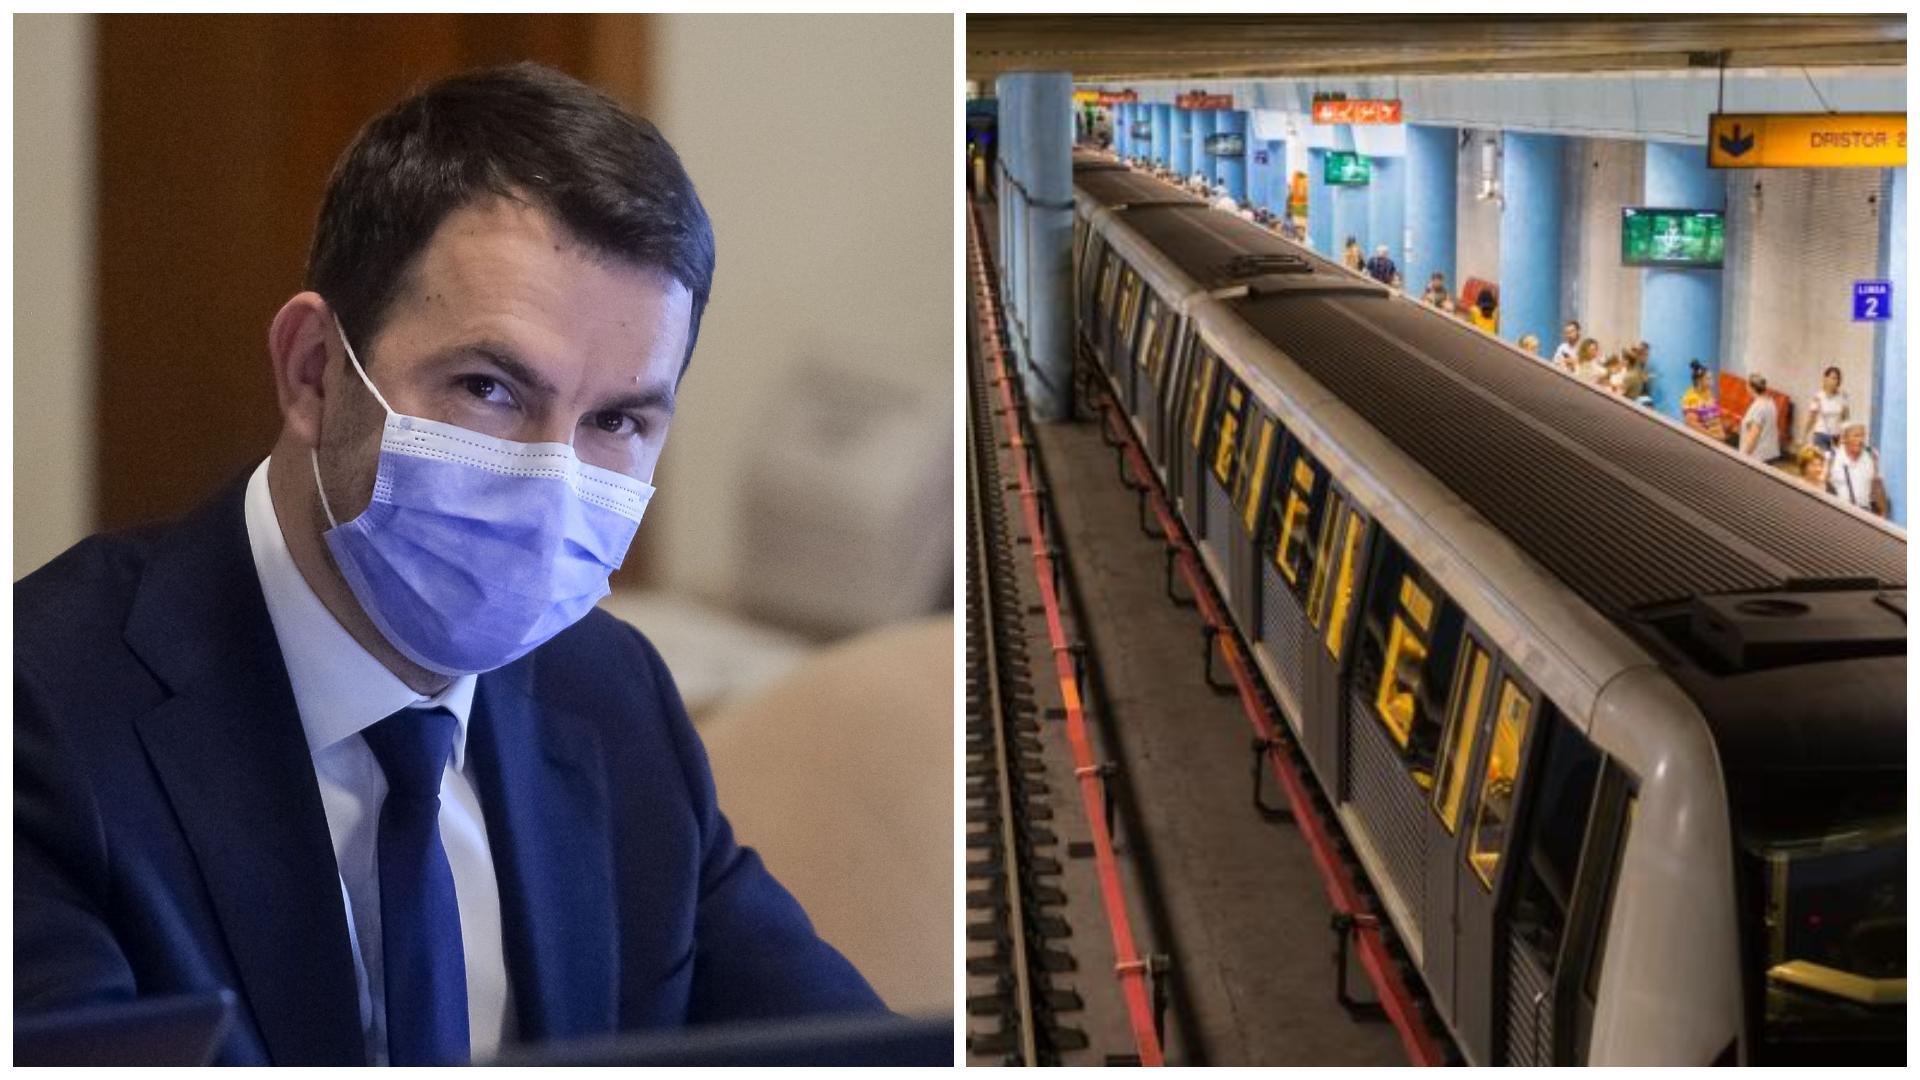 Cartelele de metrou s-ar putea scumpi. Anunțul făcut de Cătălin Drulă, ministrul Transporturilor